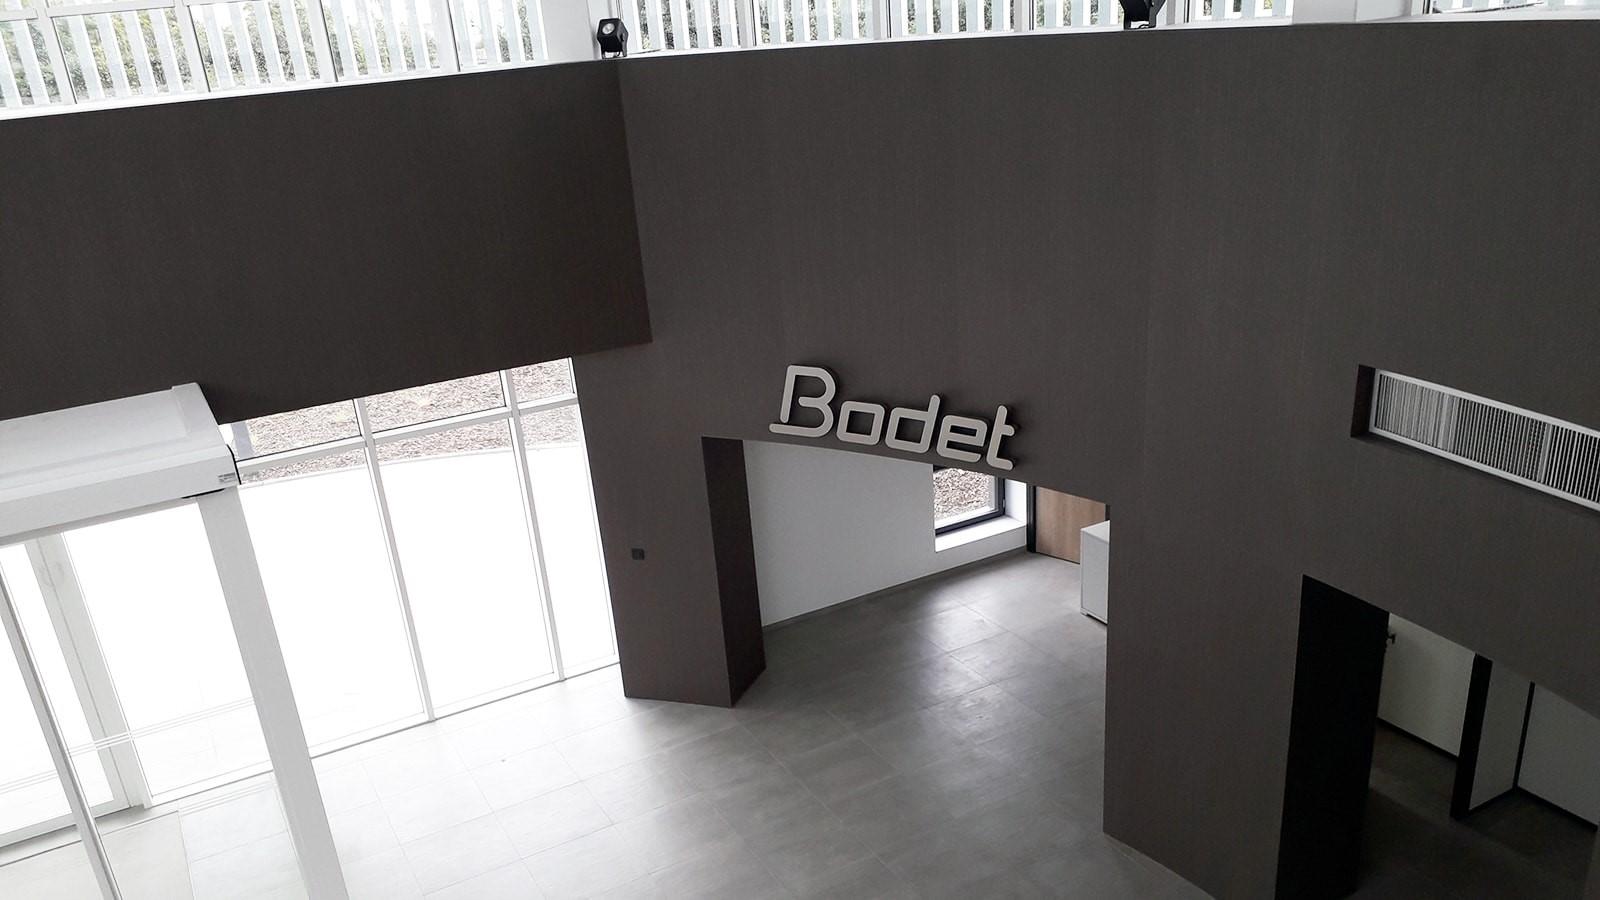 Siege Social Bodet Cholet Efi Design (10)